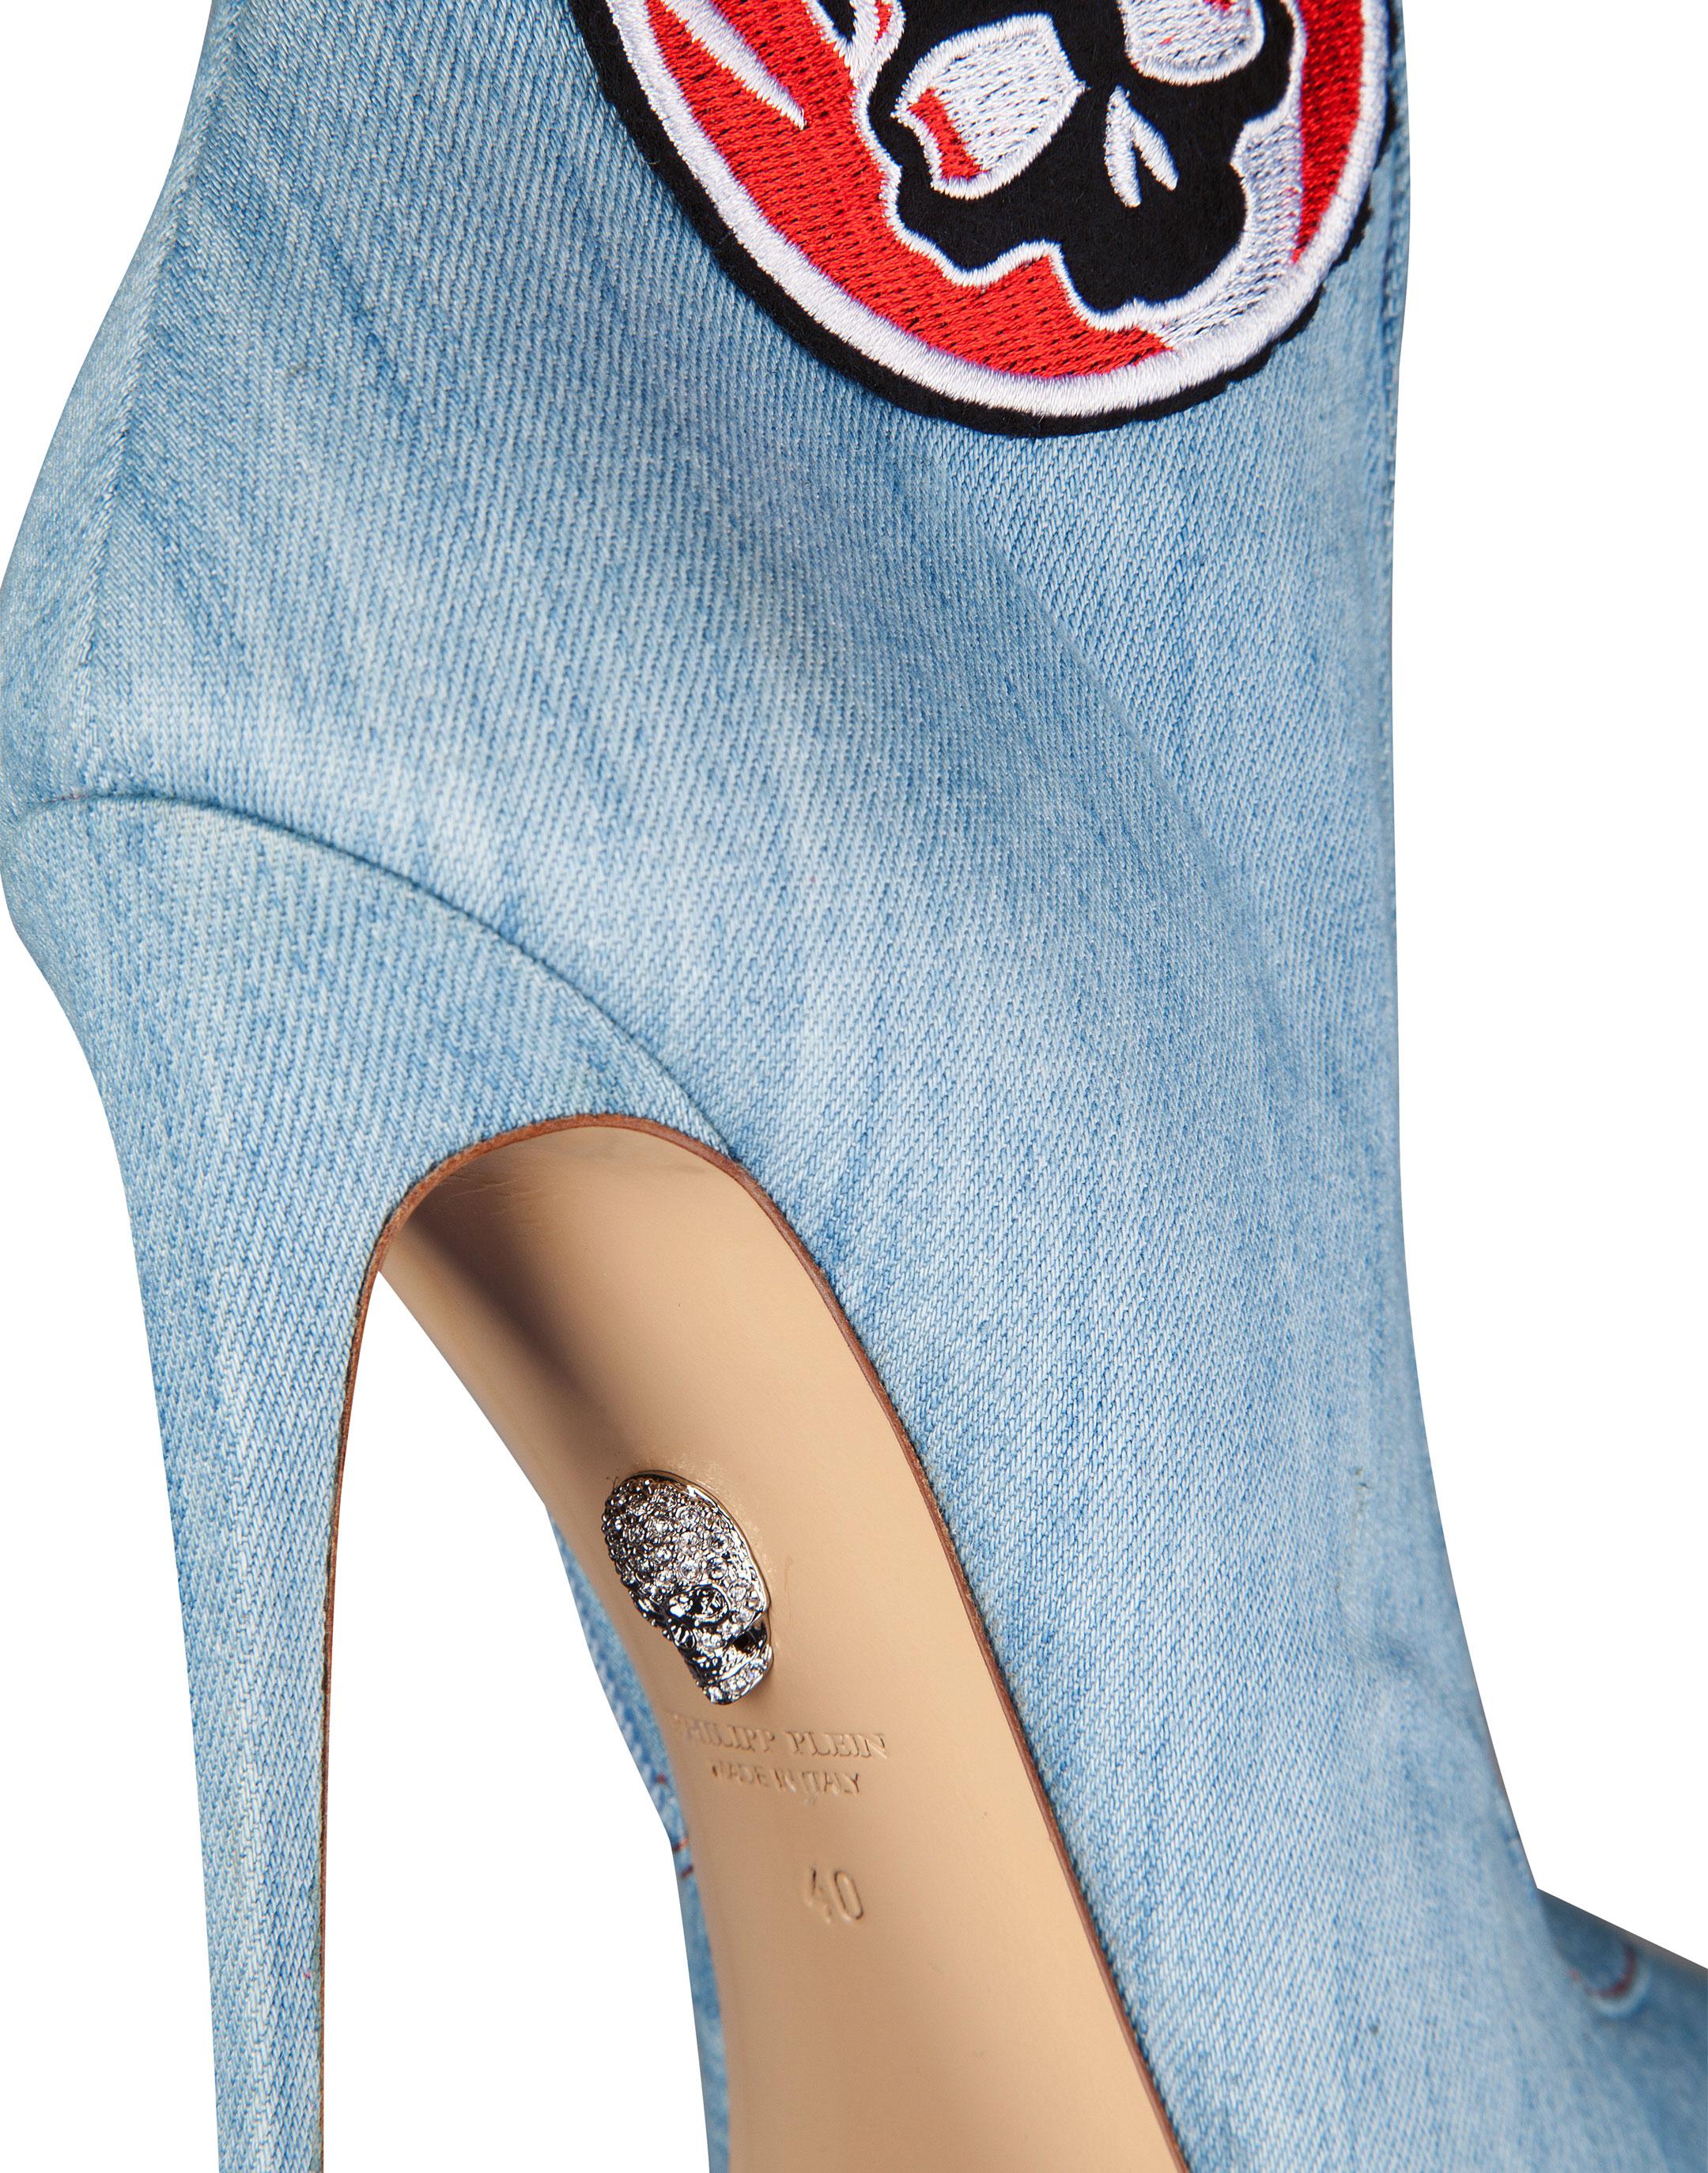 Philipp Plein Boots High Heels High Kobra love high Obtenir Authentique Meilleur Endroit Pas Cher Prix Pas Cher De La France Dmo0KeWu